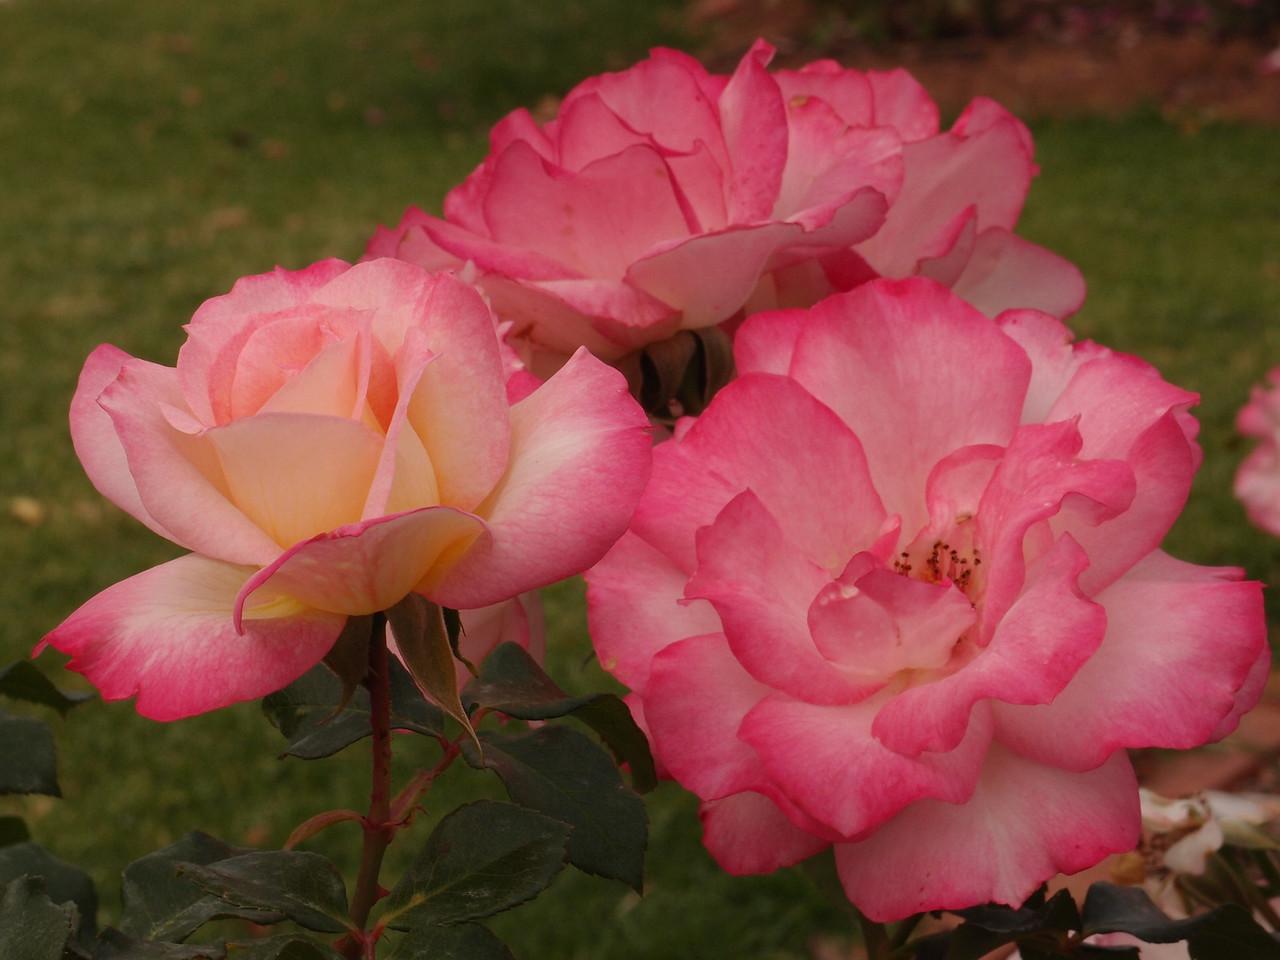 20120419_1303_0204 rose